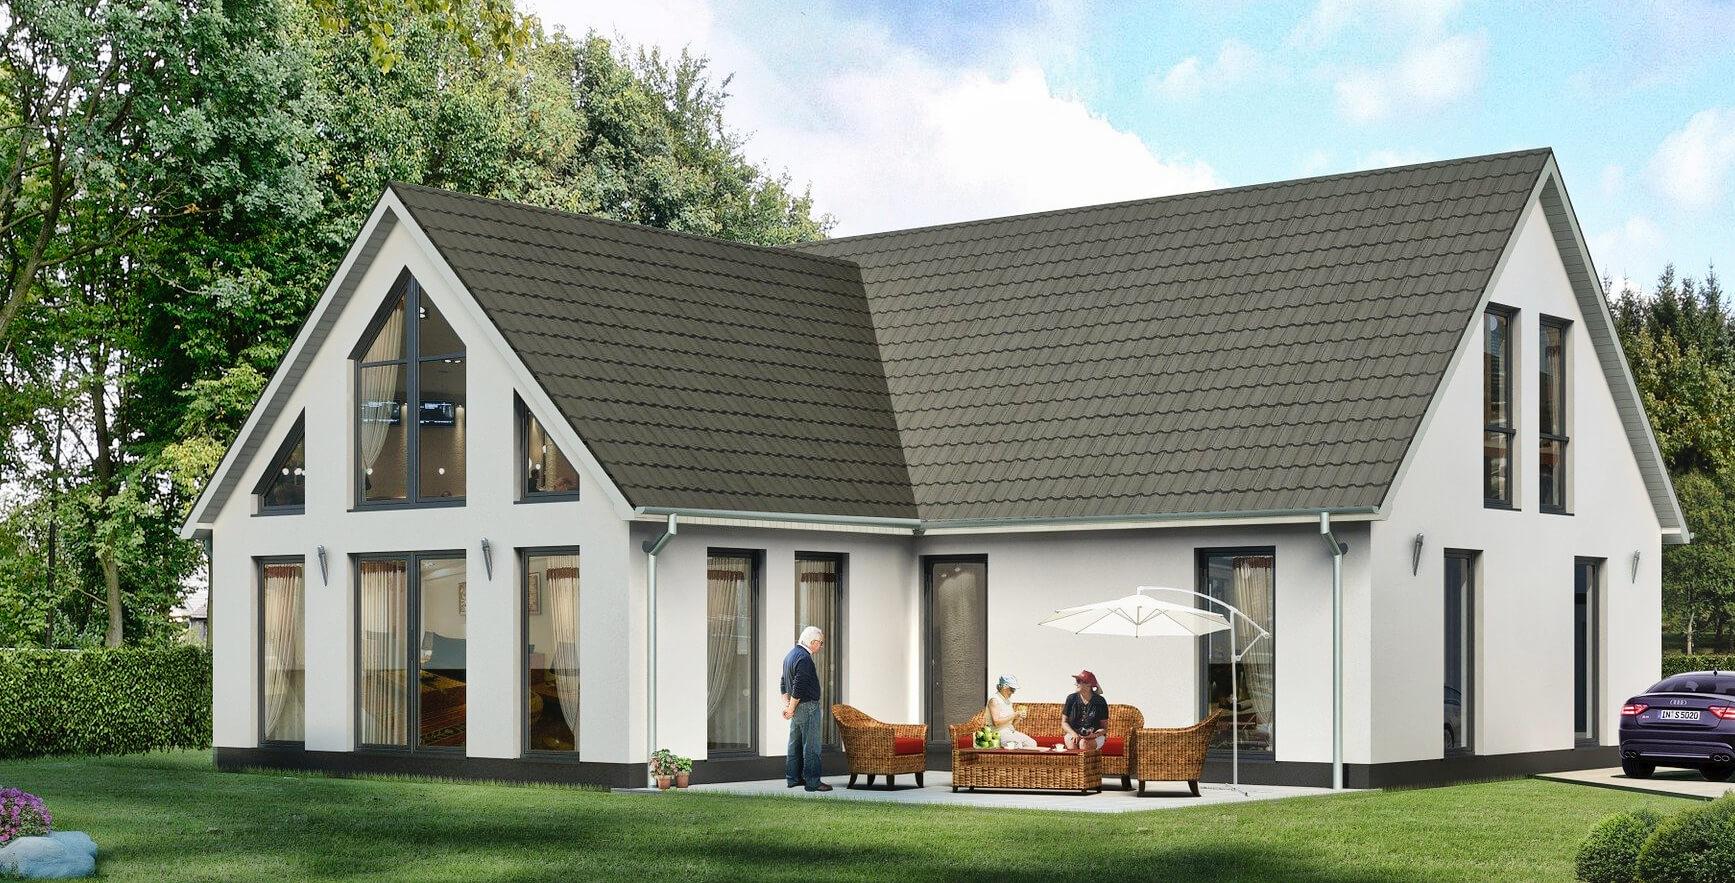 Durch eine Imprägnierung lassen sich auch Hausfassaden effektiv vor Schmutz und Flechen schützen (Foto: Pixabay).